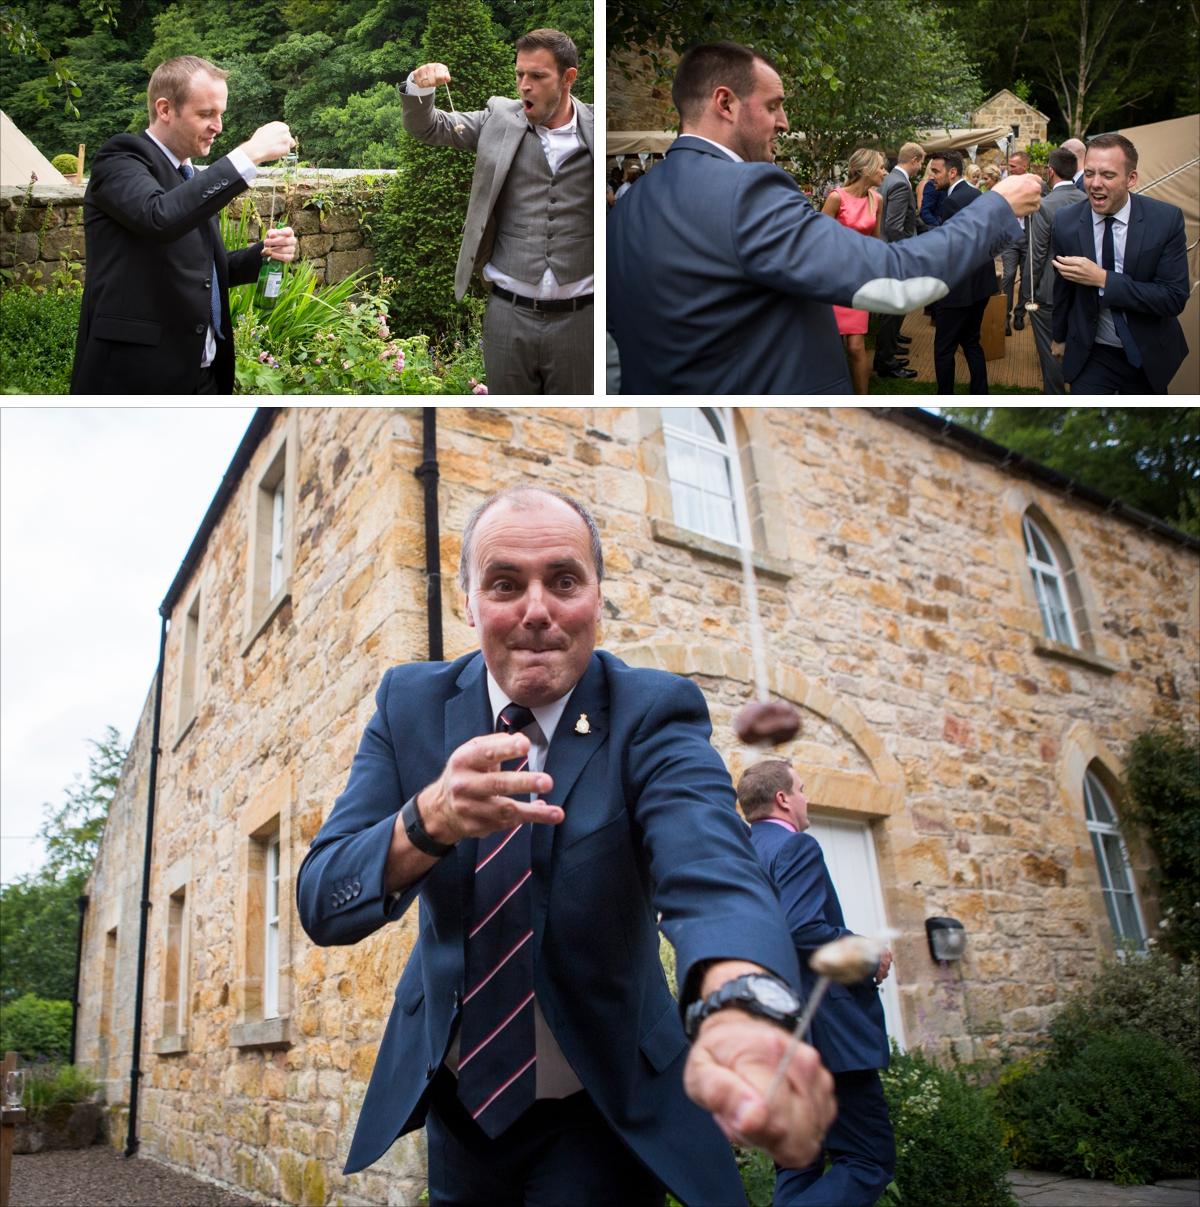 Brinkburn Priory Wedding Photos-047